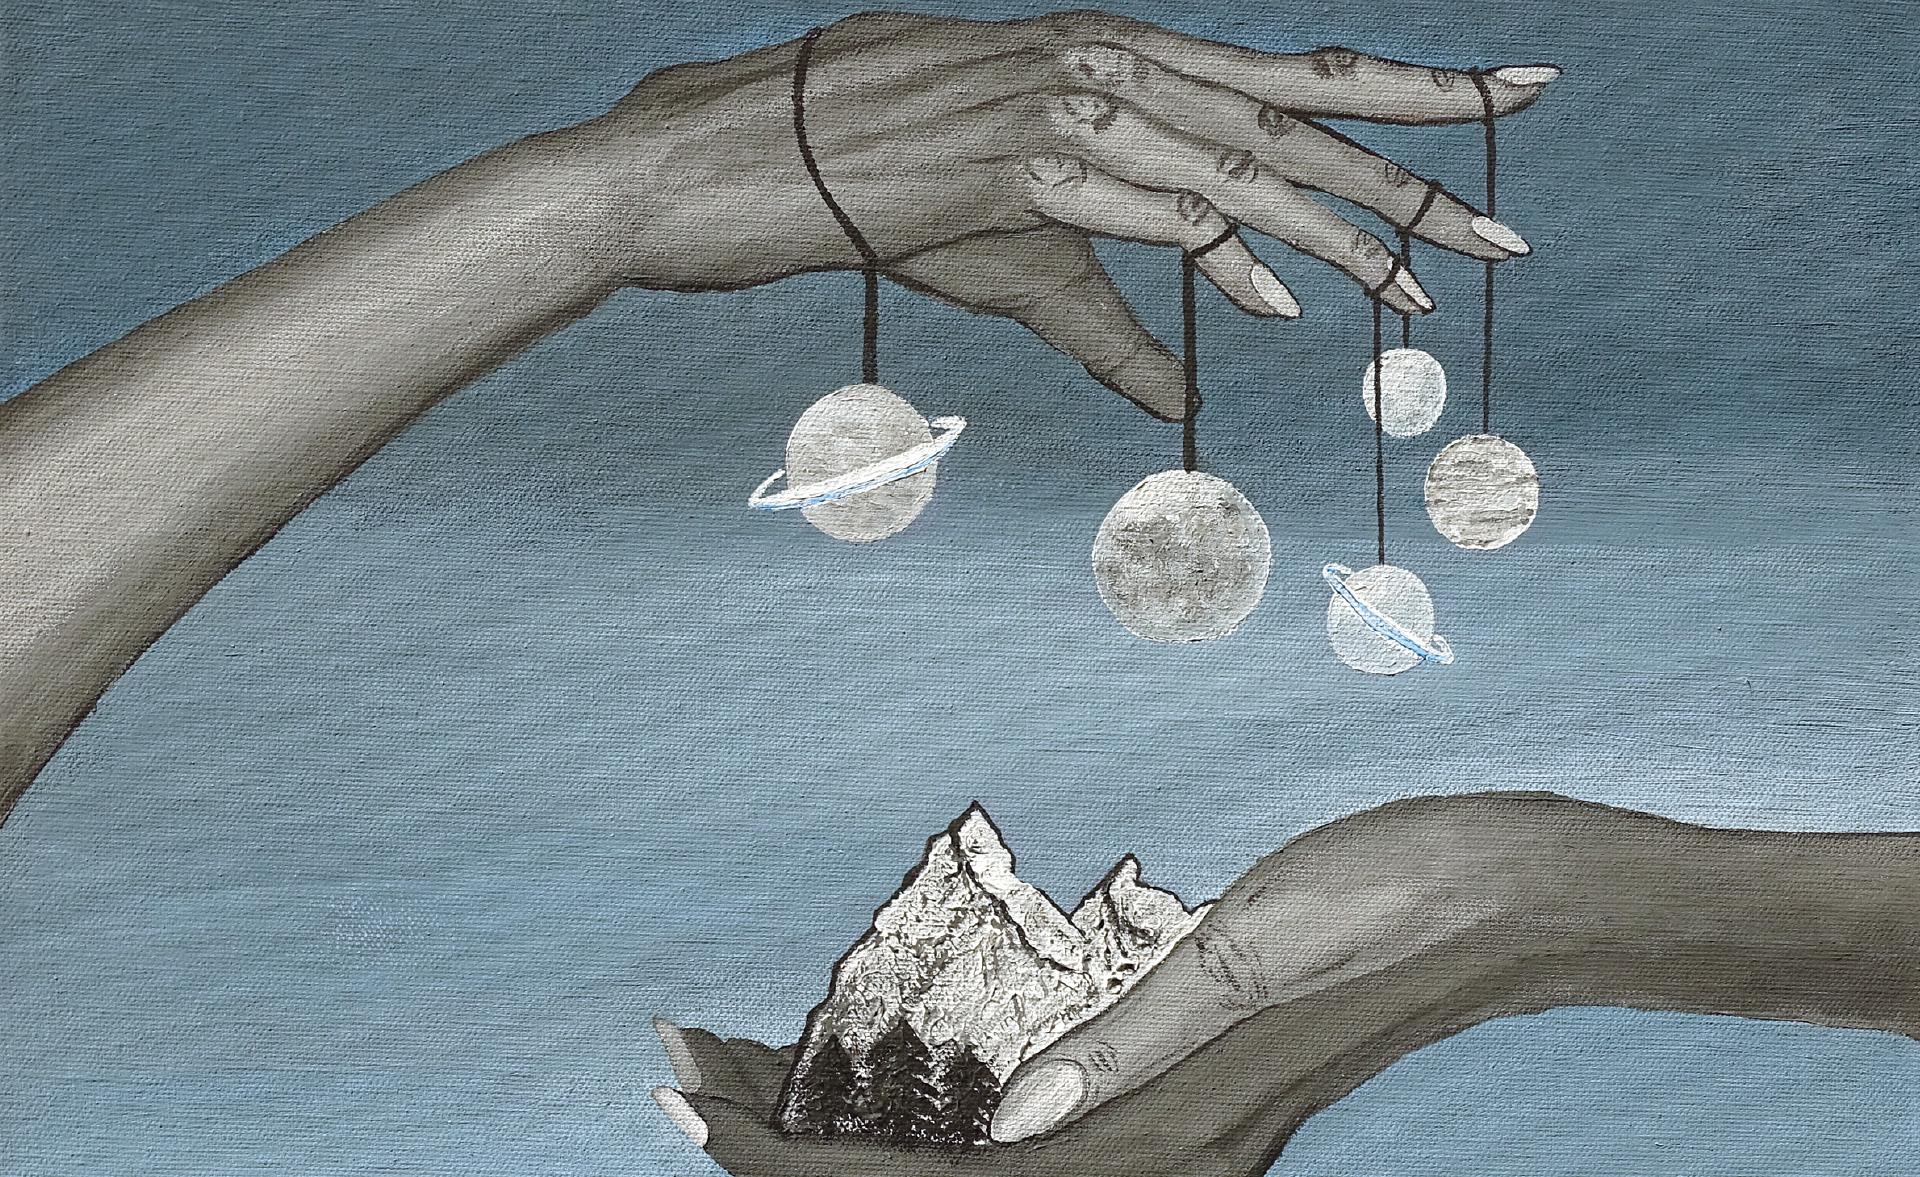 Handgemacht  |  Handmade  |  Hecho a mano